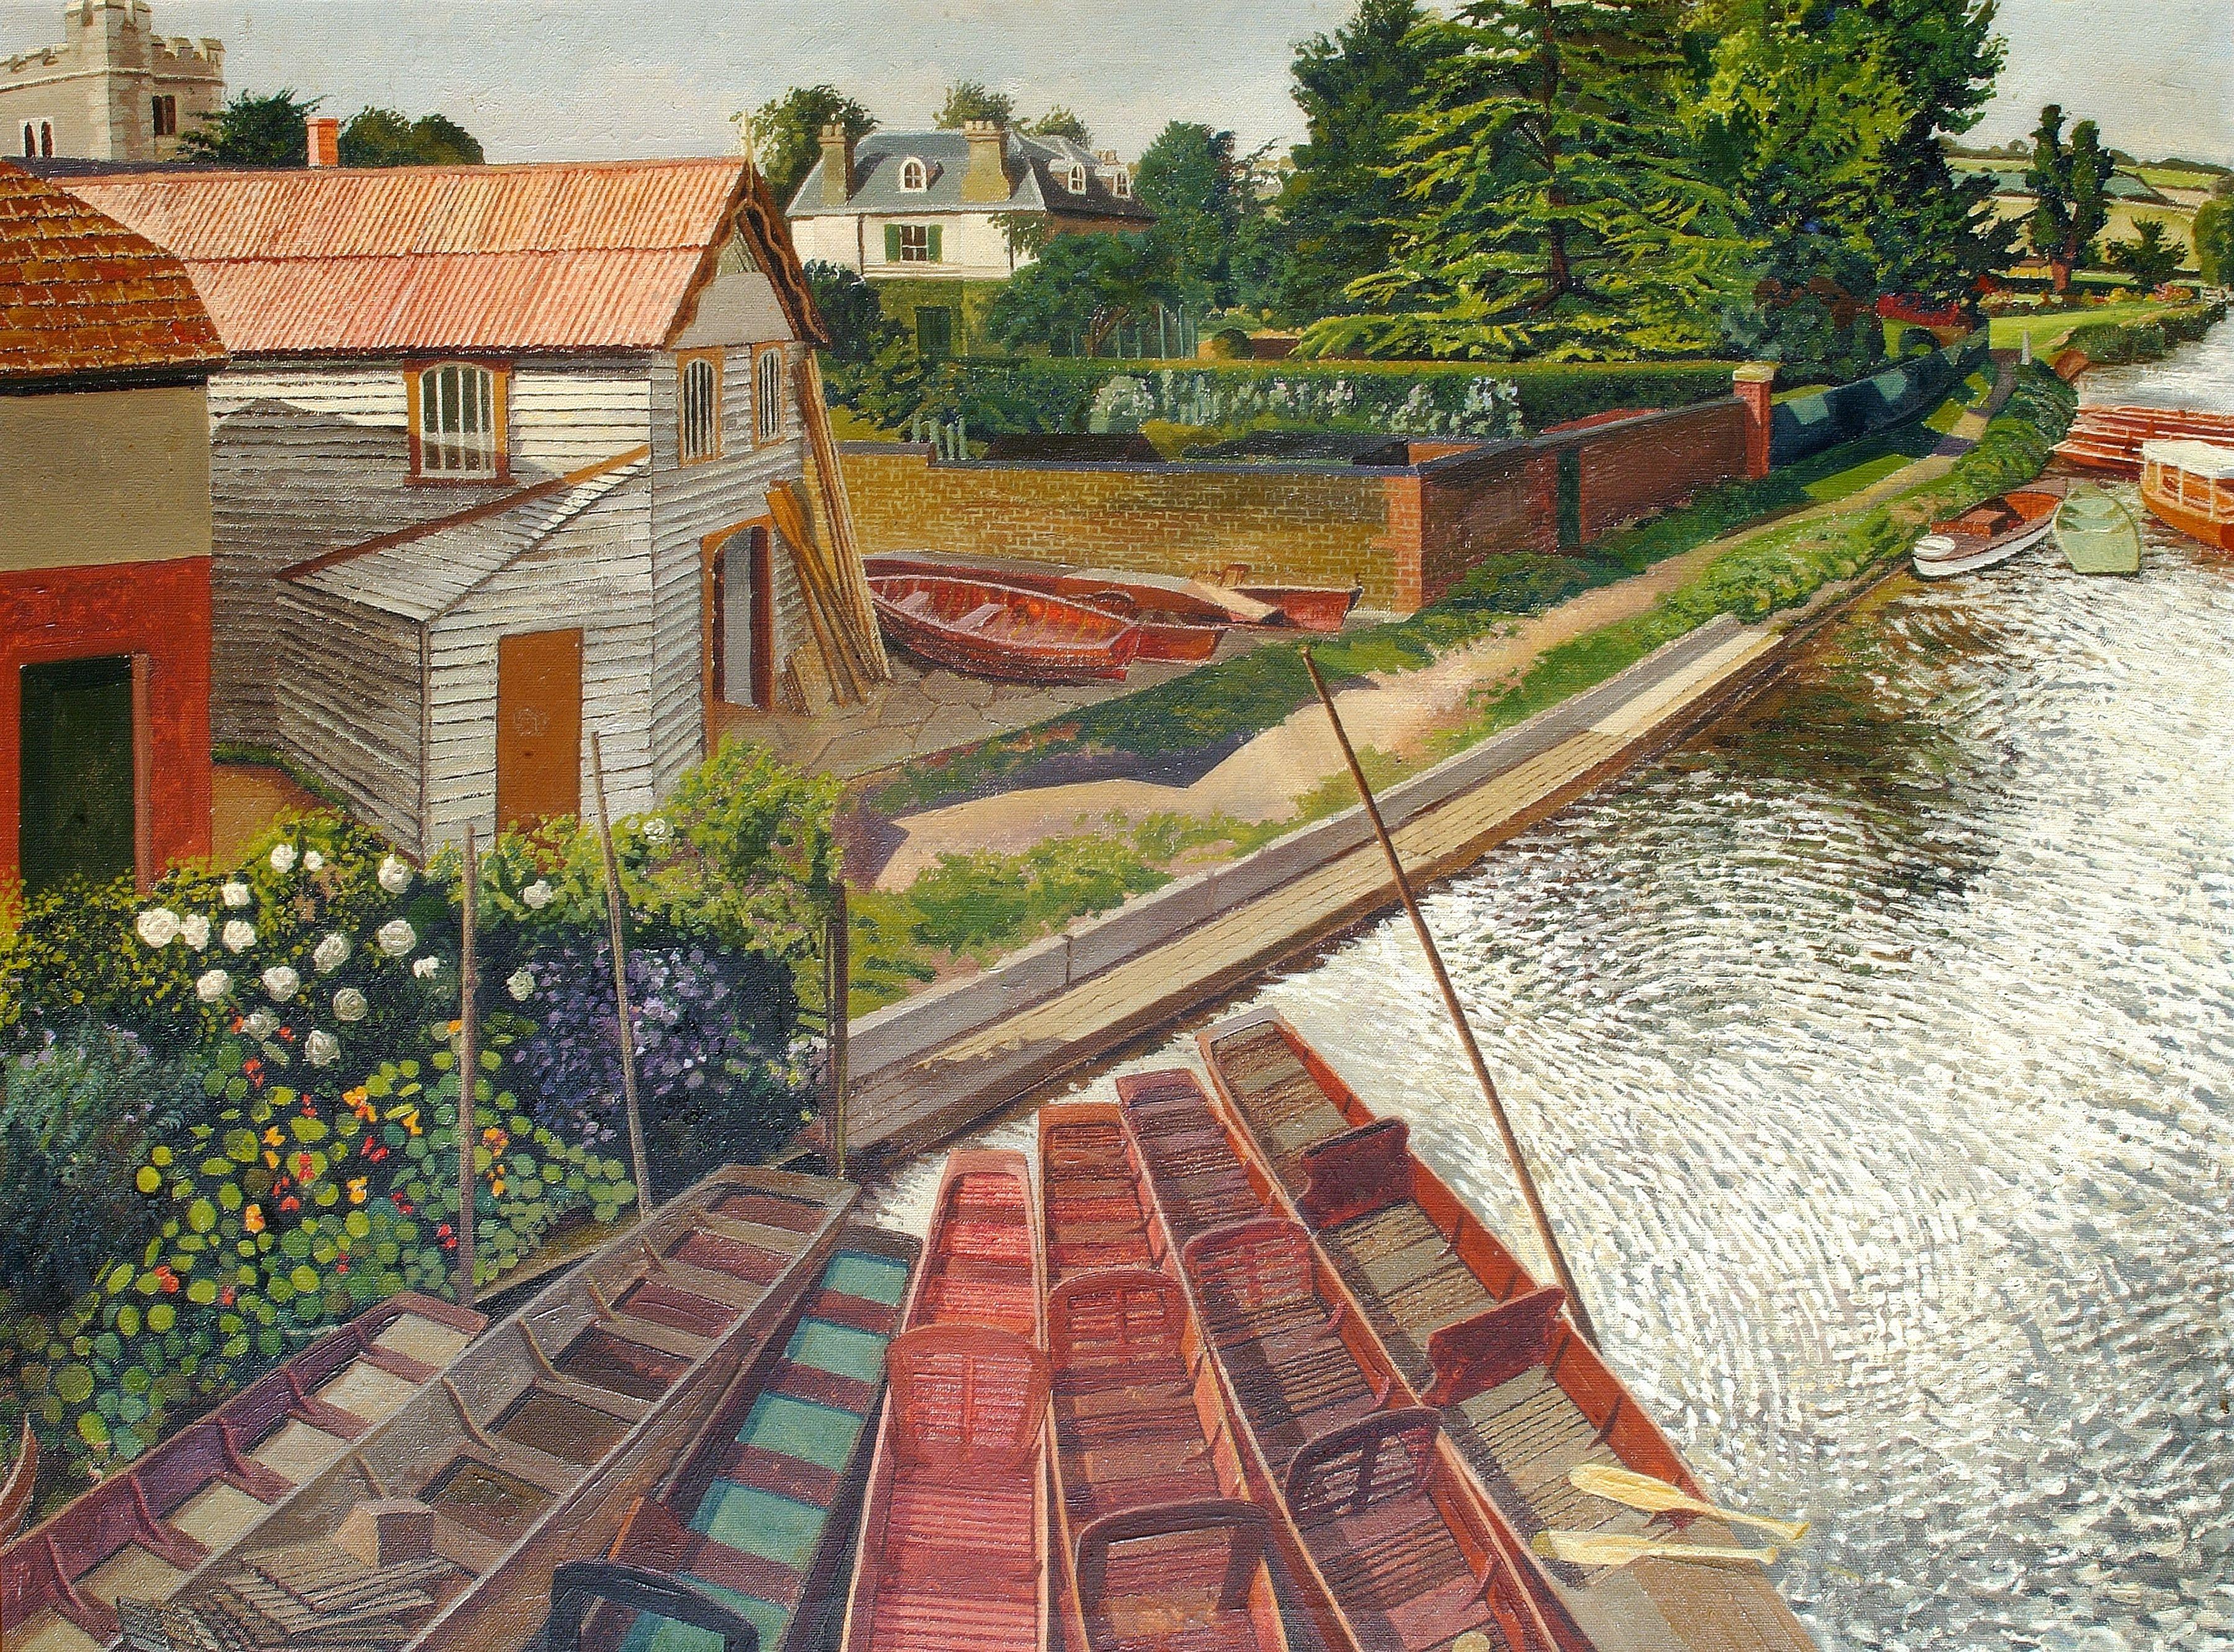 See Stanley Spencer's spectacular artworks in his beloved Berkshire village